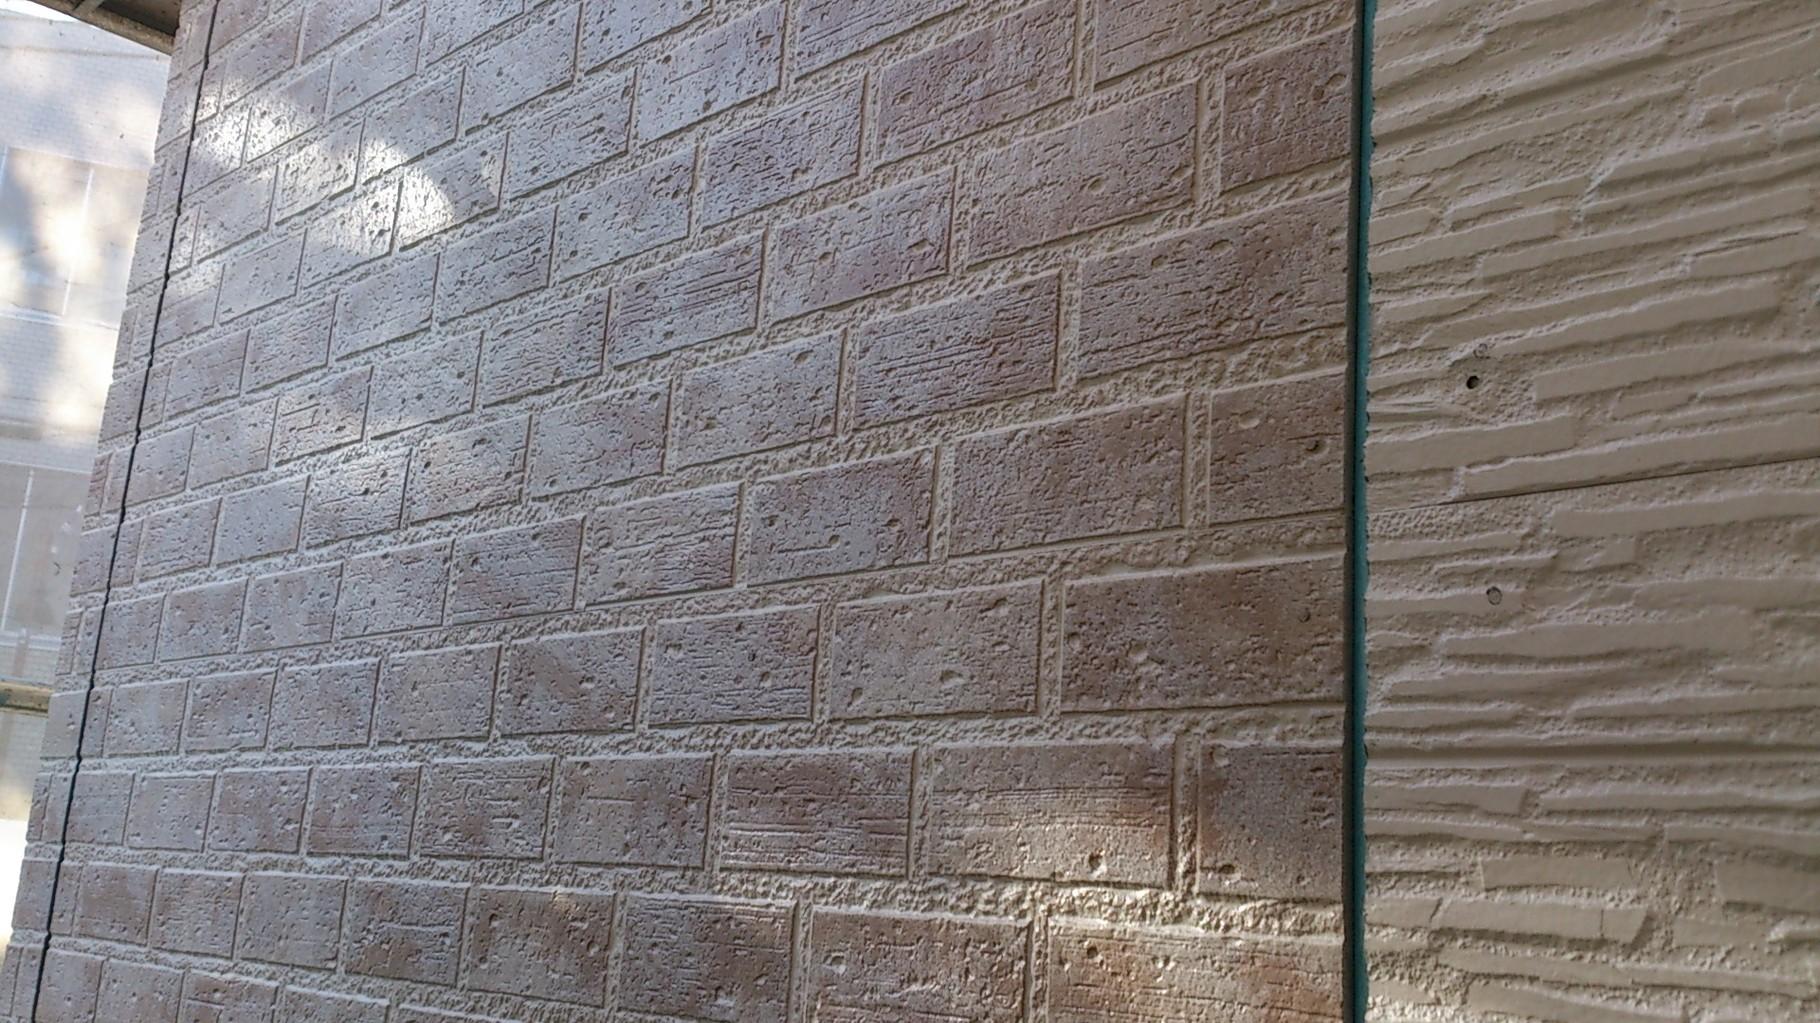 14/11/21 バルコニー部分の外壁は、薄いレンガ調です。